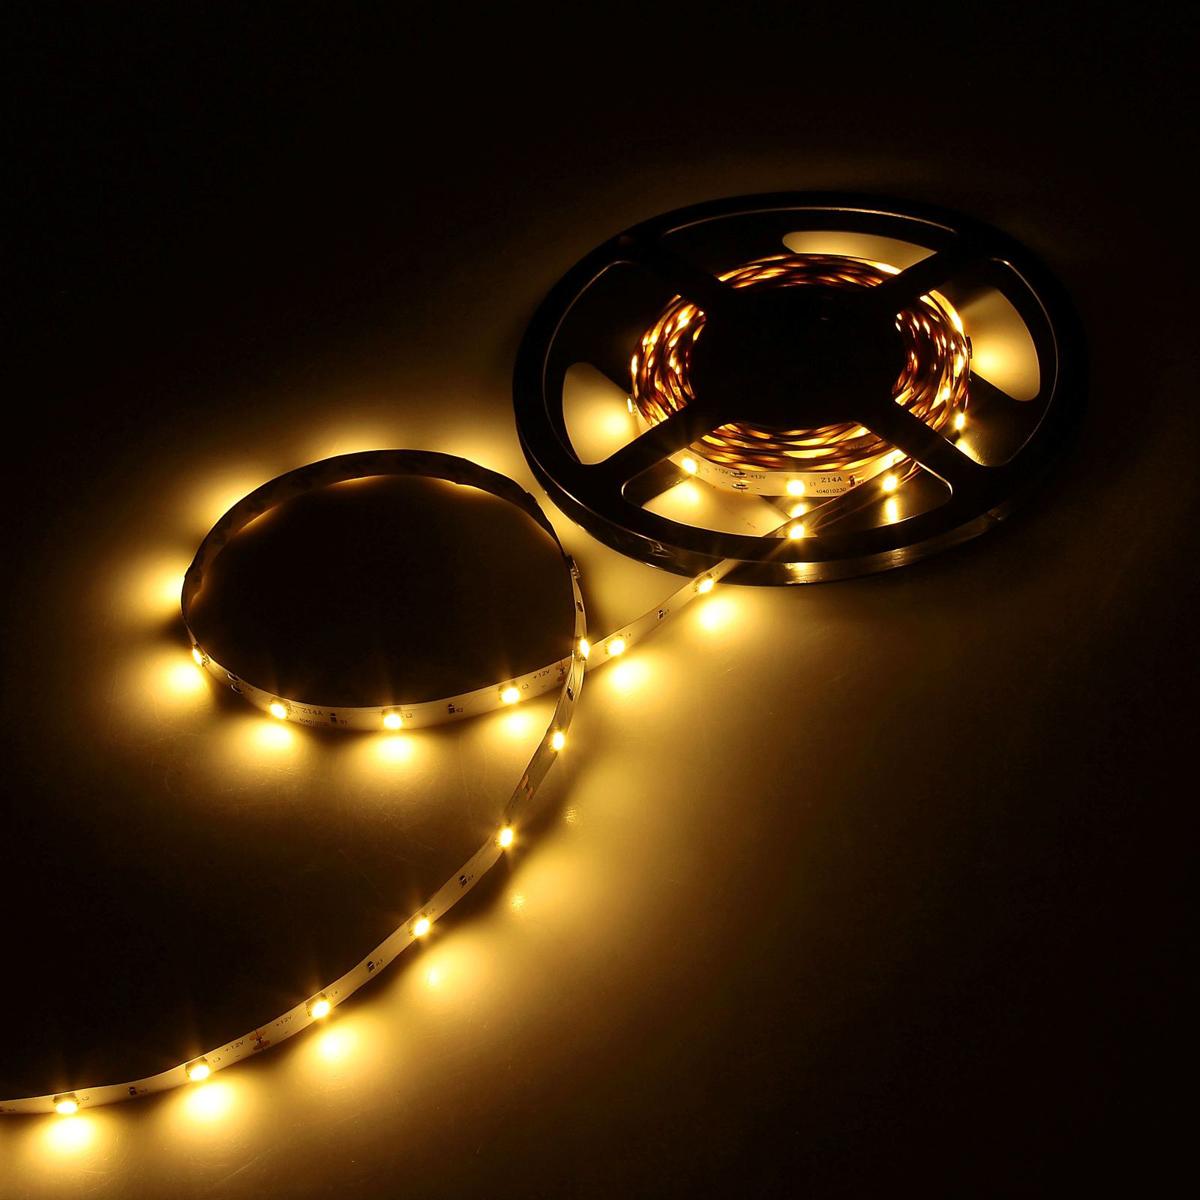 Светодиодная лента Luazon, 12В, SMD5050, длина 5 м, IP33, 30 LED ламп, 7.2 Вт/м, 14-16Л м/1 LED, DC, цвет: теплый белый883920Светодиодные гирлянды, ленты и т.д — это отличный вариант для новогоднего оформления интерьера или фасада. С их помощью помещение любого размера можно превратить в праздничный зал, а внешние элементы зданий, украшенные ими, мгновенно станут напоминать очертания сказочного дворца. Такие украшения создают ауру предвкушения чуда. Деревья, фасады, витрины, окна и арки будто специально созданы, чтобы вы украсили их светящимися нитями.